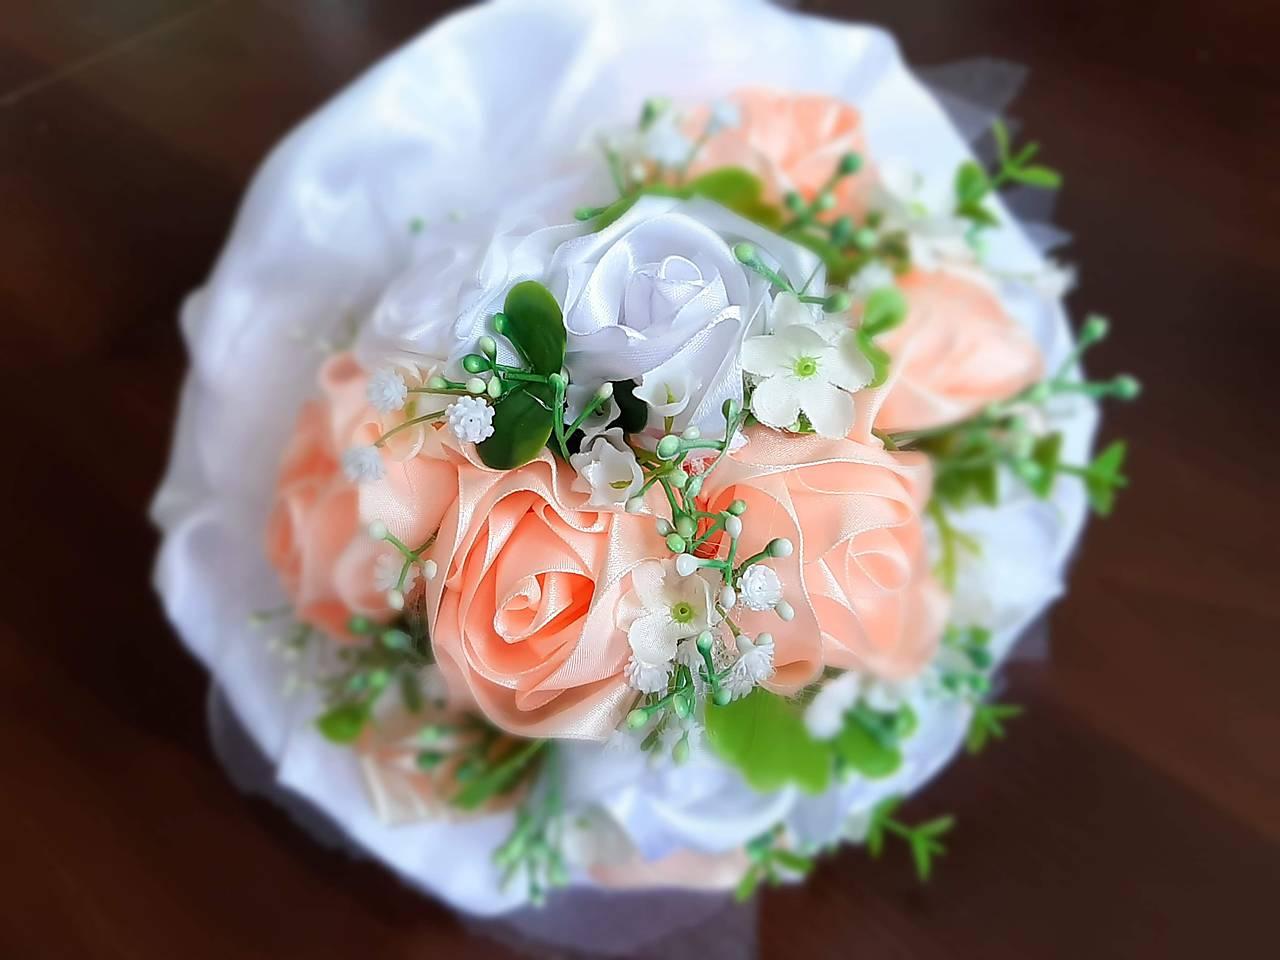 svadobná kytica marhuľová - Obrázok č. 1